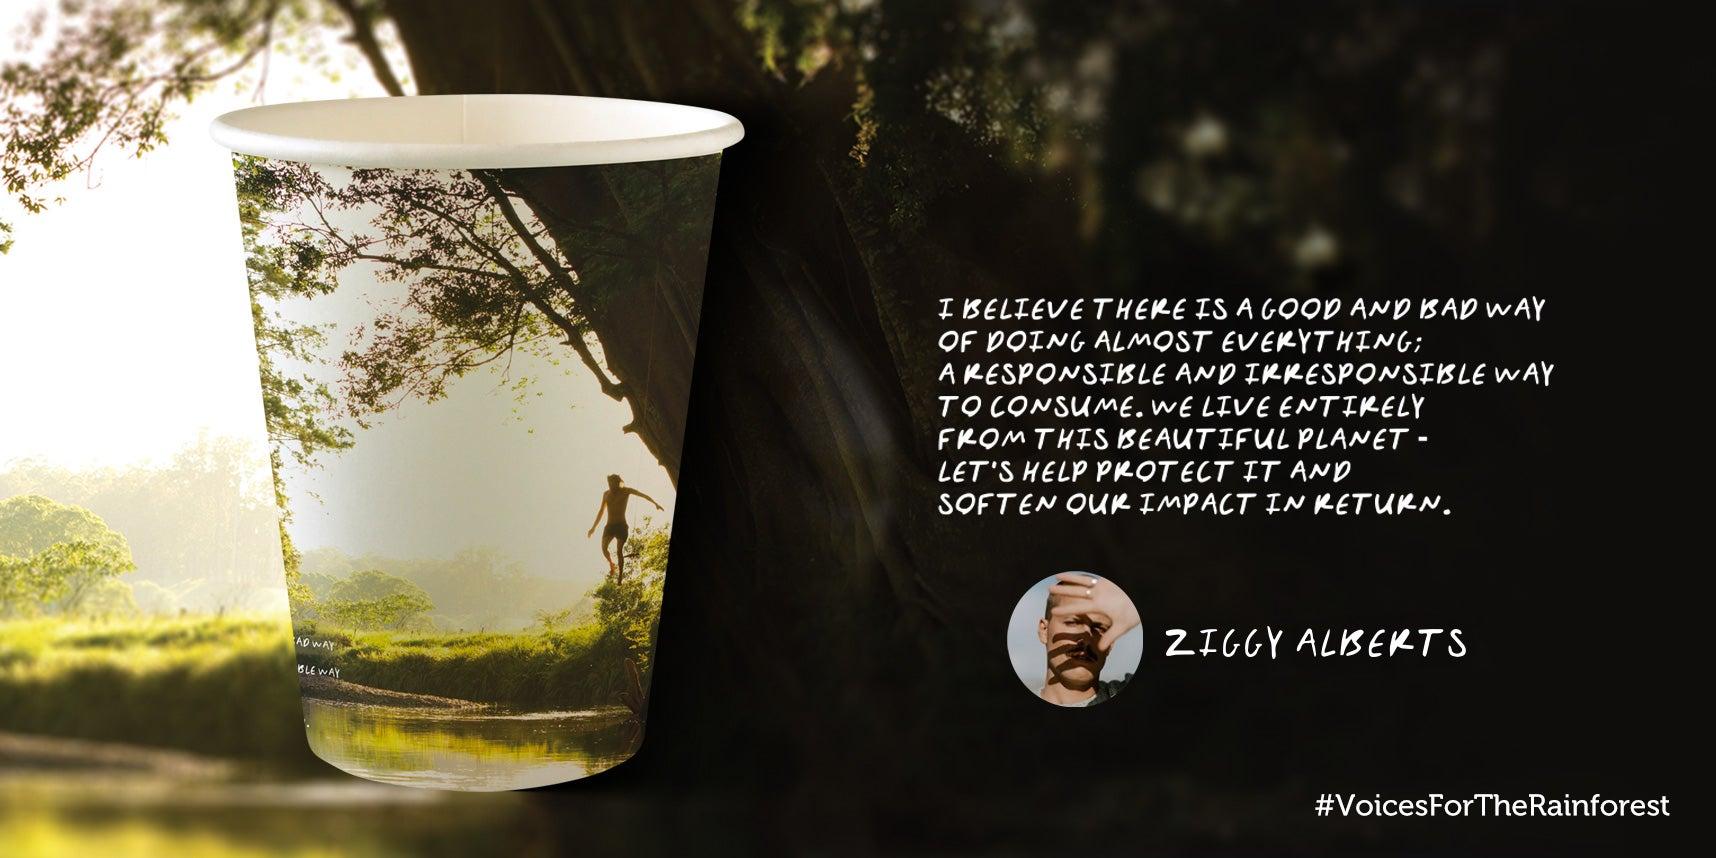 Ziggy Alberts paper cup design